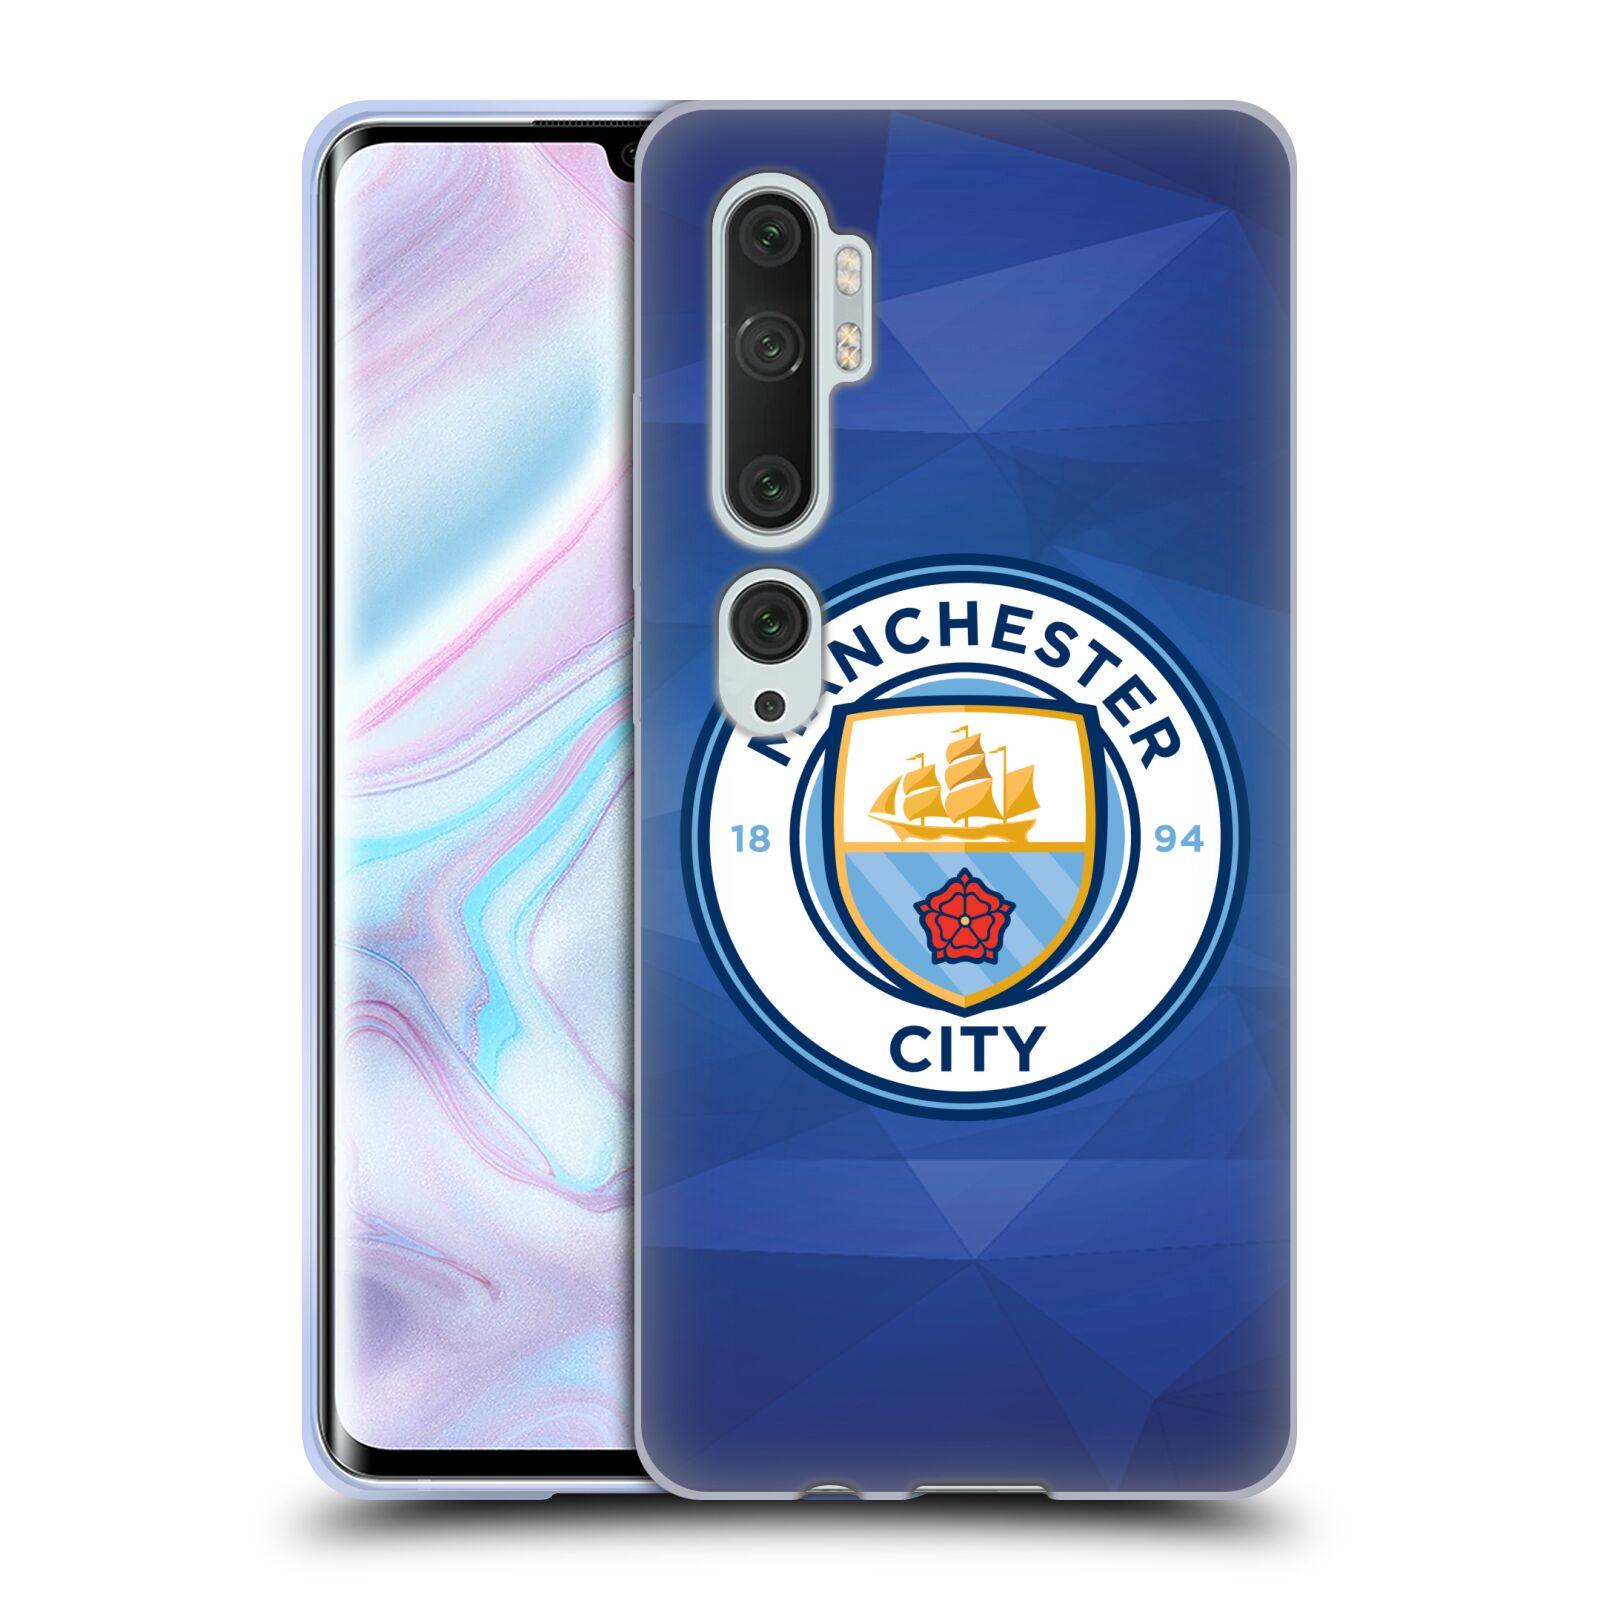 Silikonové pouzdro na mobil Xiaomi Mi Note 10 / 10 Pro - Head Case - Manchester City FC - Modré nové logo